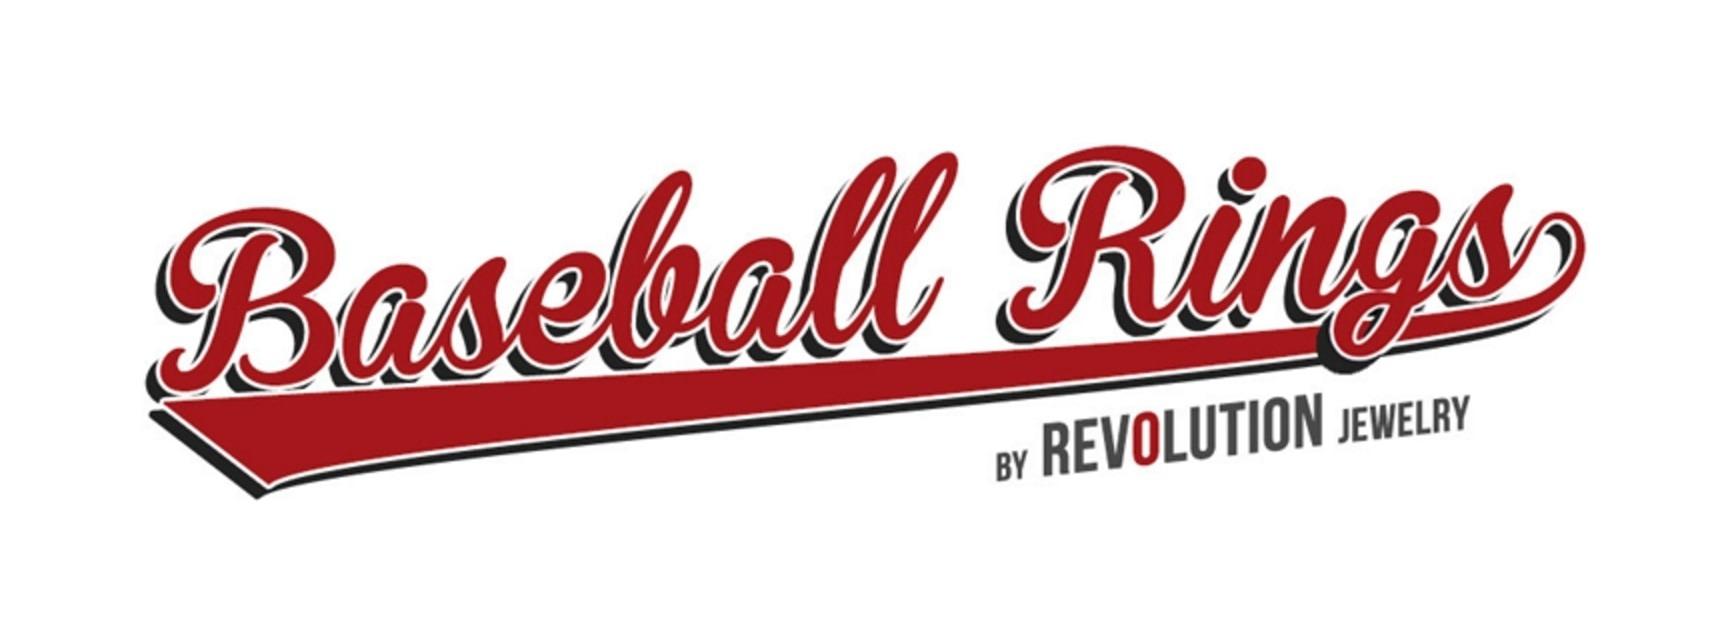 Baseball Rings Coupons & Promo codes